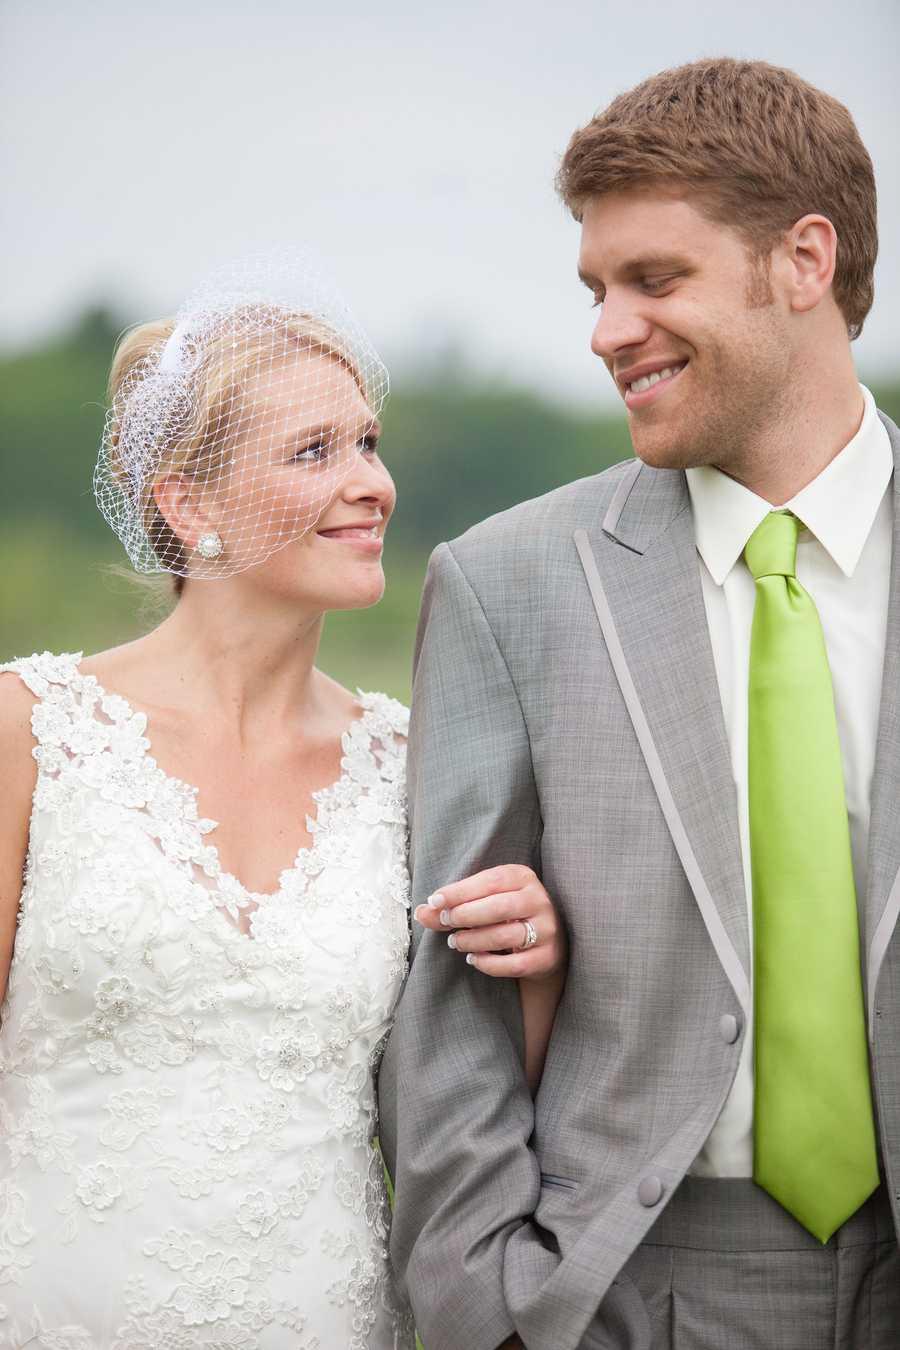 Liz got married last June to her college sweetheart, John.